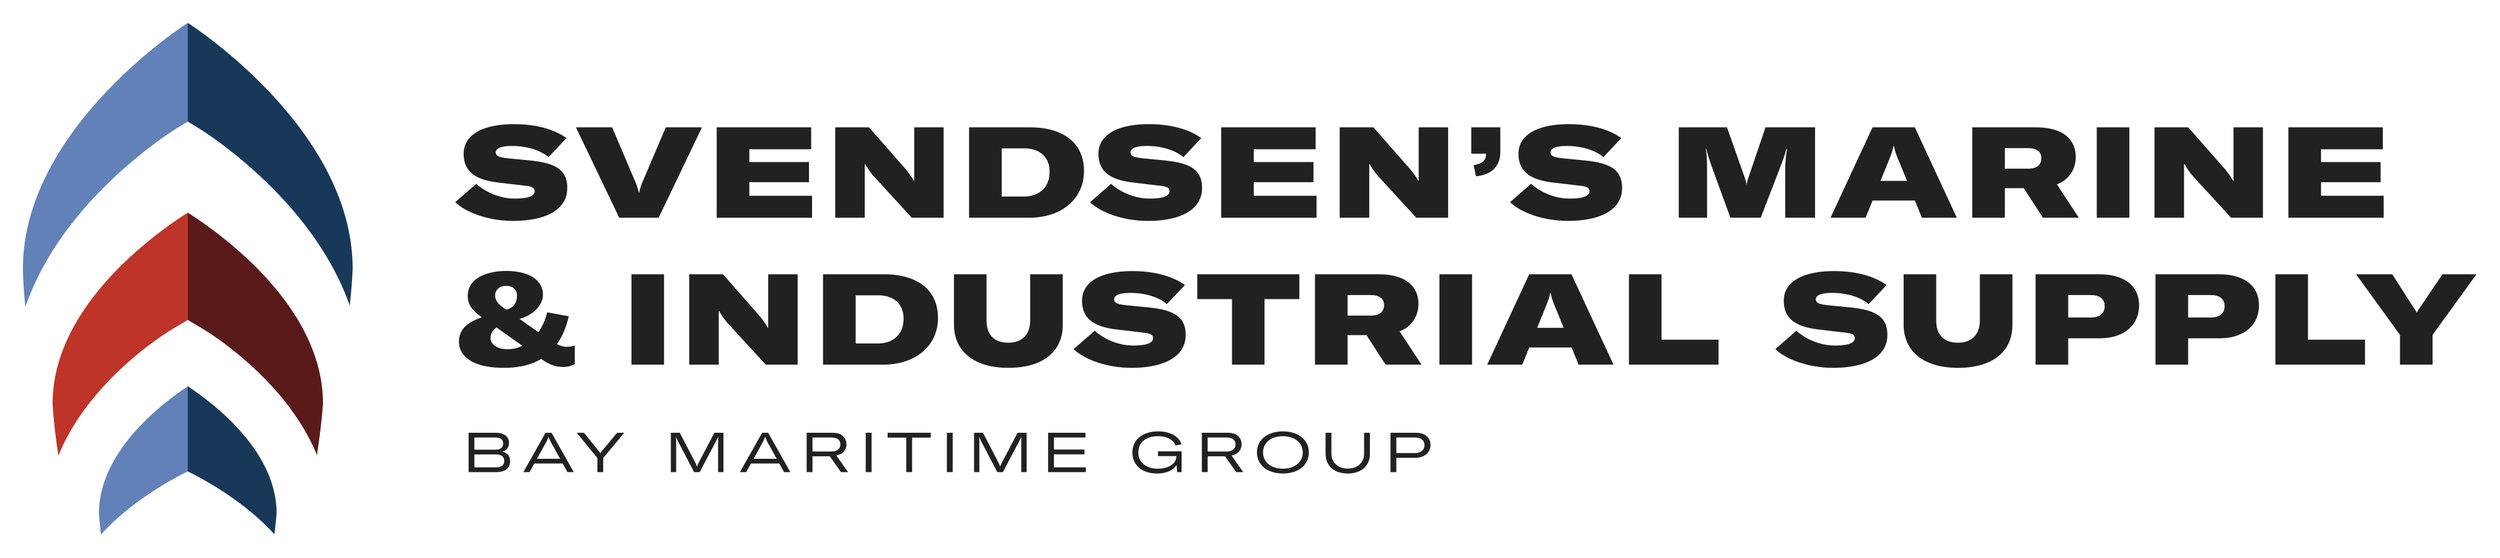 Svendsen's Marine Industrial Supply